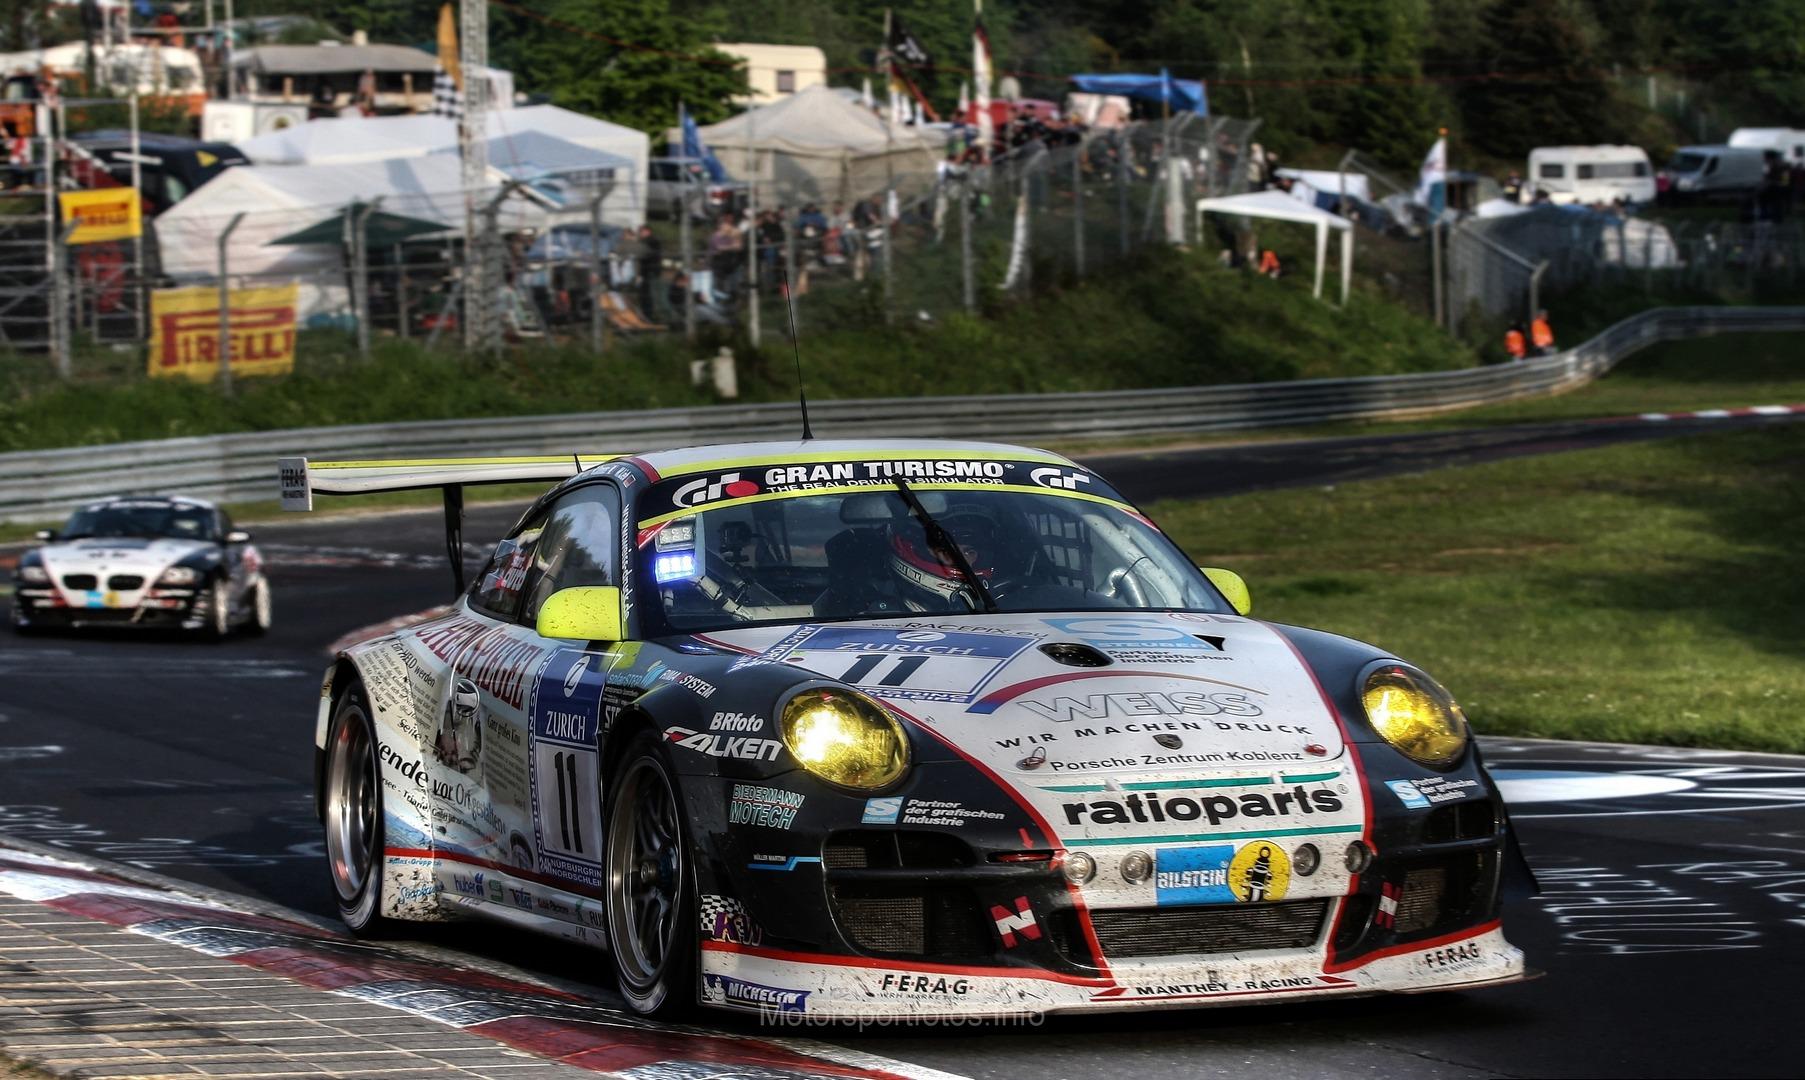 Wochenspiegel porsche 24h foto bild sport motorsport rundstrecke bilder auf fotocommunity - Wochenspiegel bilder ...